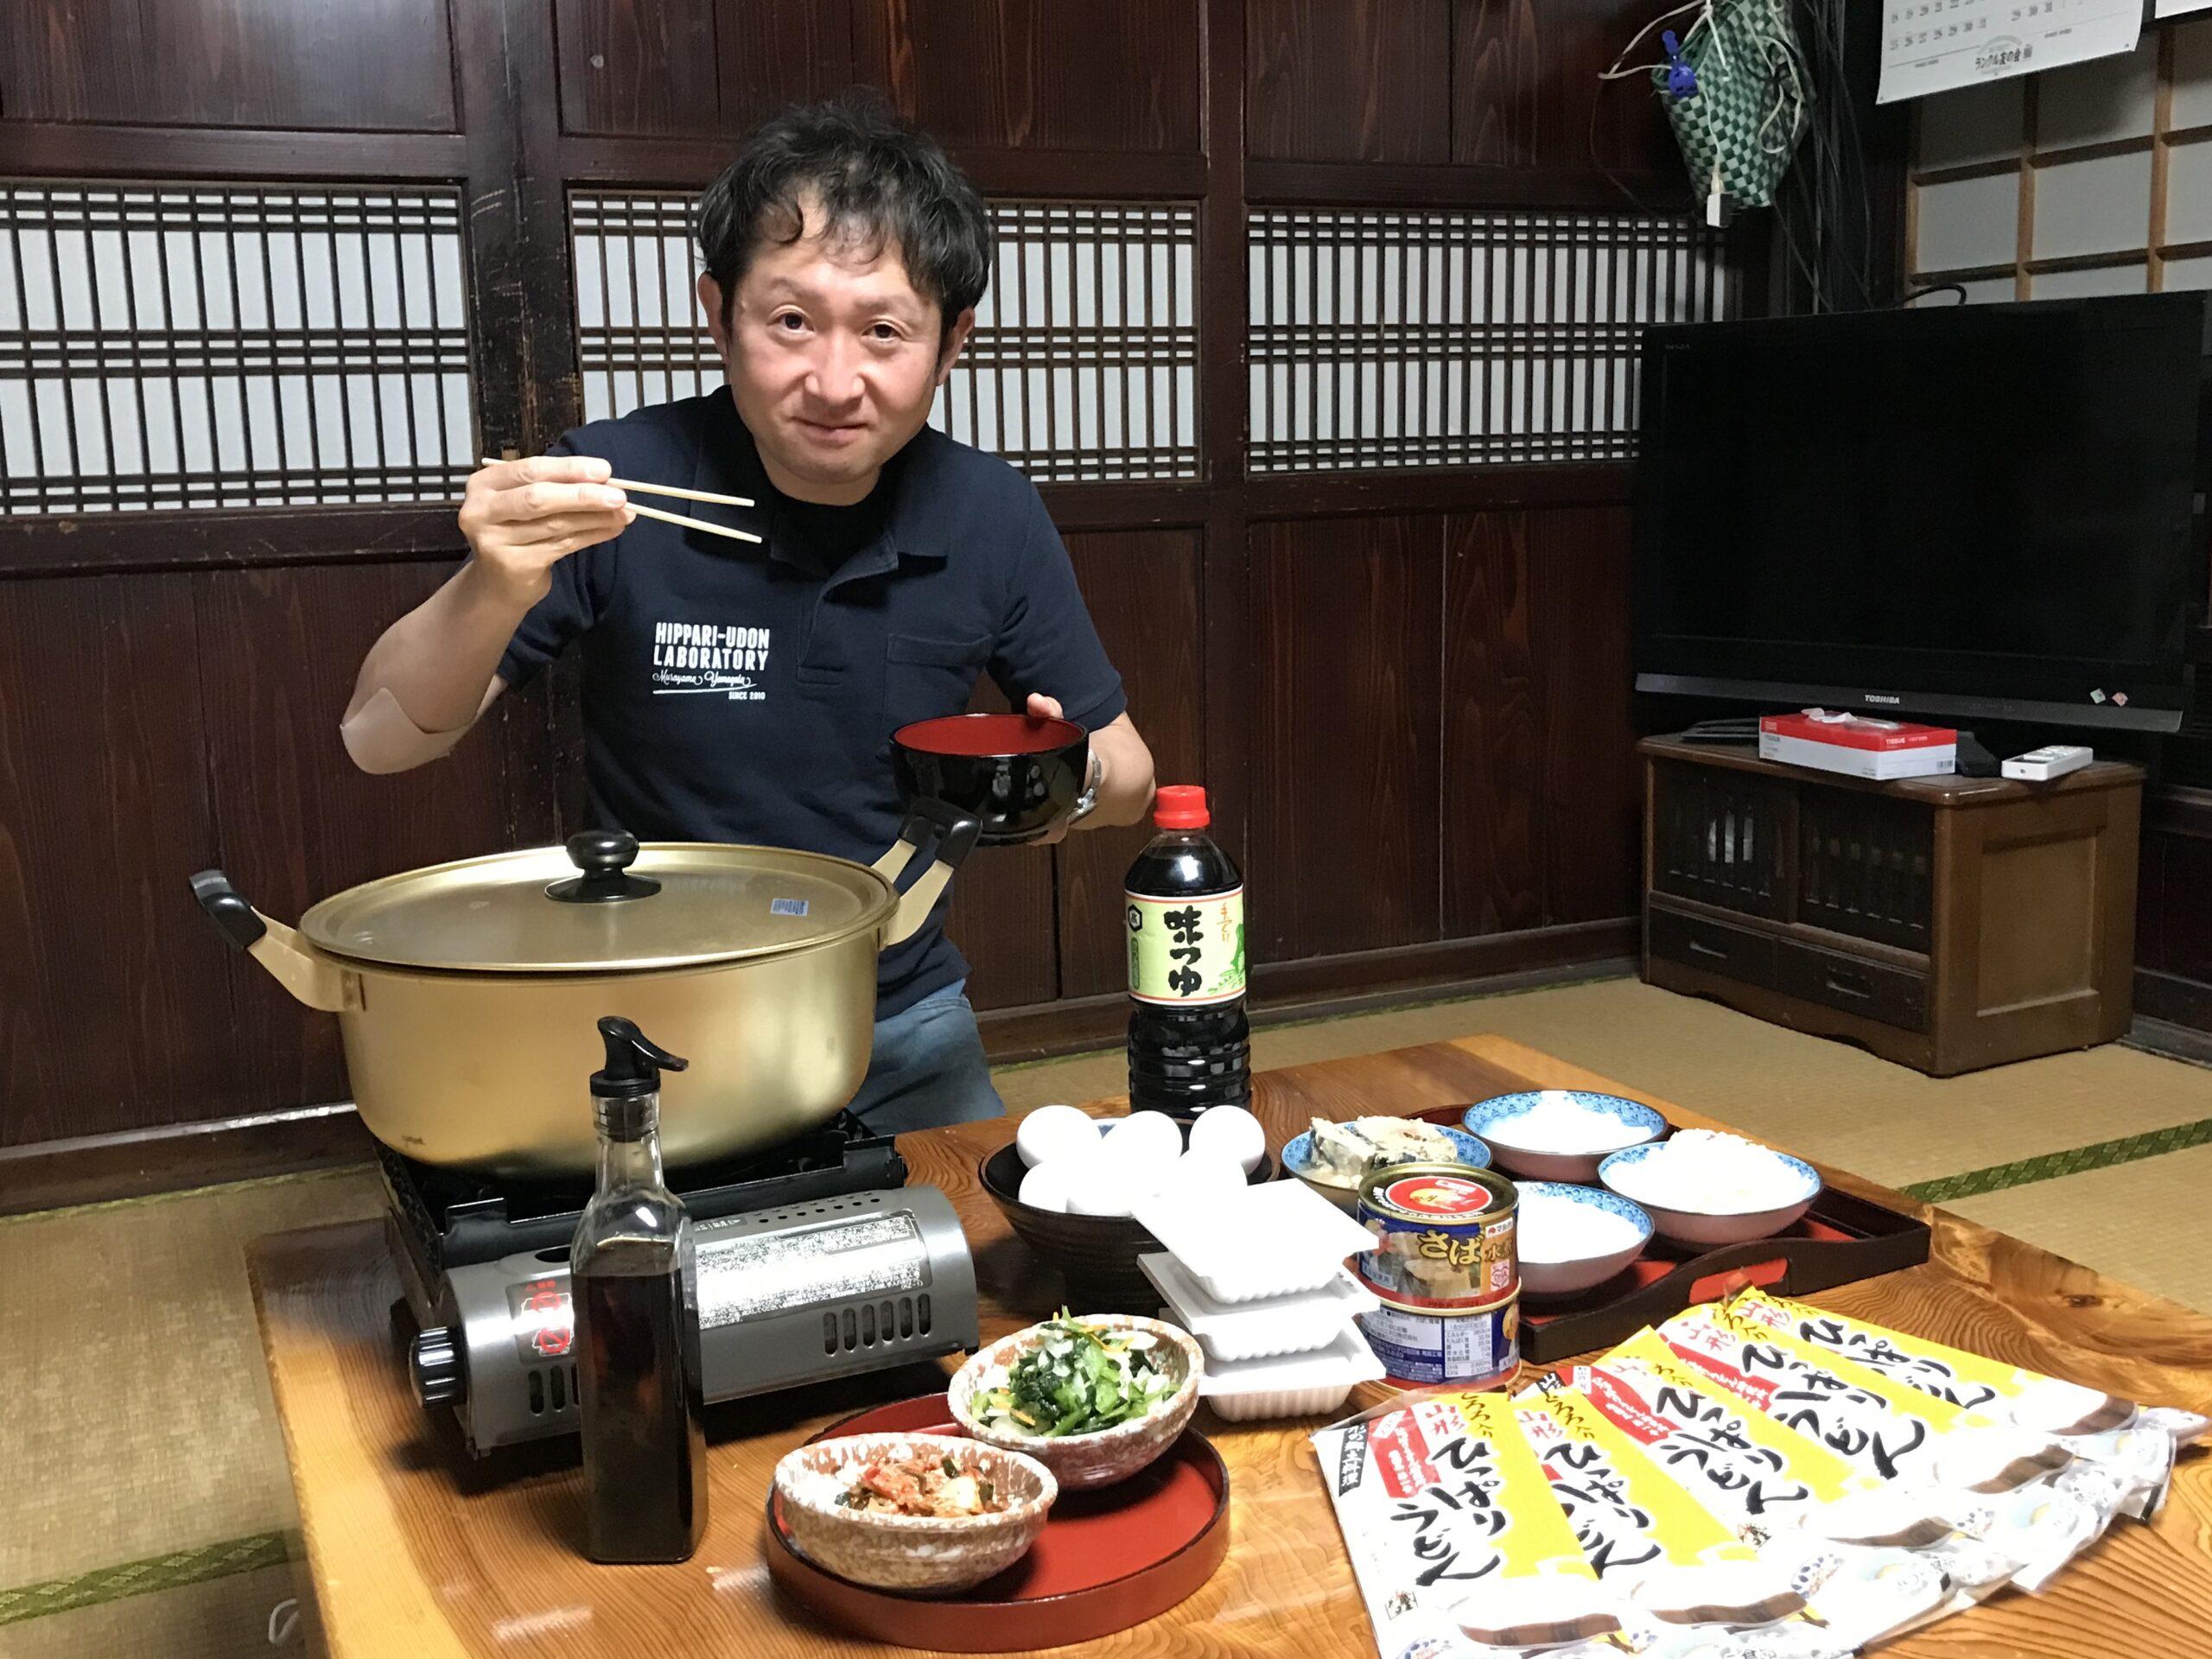 ユタカの部屋 vol.84   佐藤政史氏